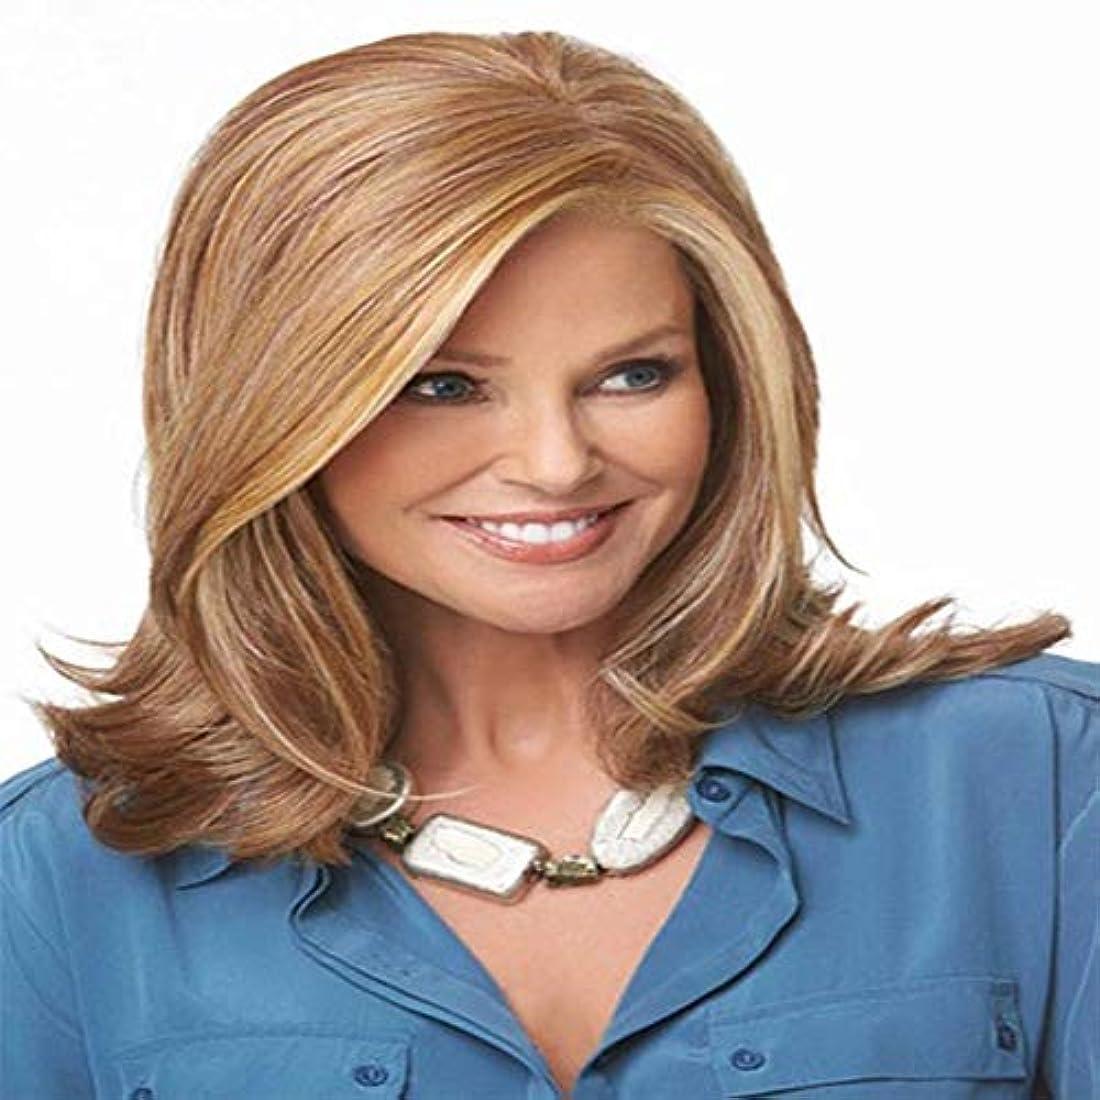 国家鉄道森白人女性のための中間の長さカーリー女性の女の子の魅力的な人工毛ウィッグ耐熱性繊維コスプレウィッグ